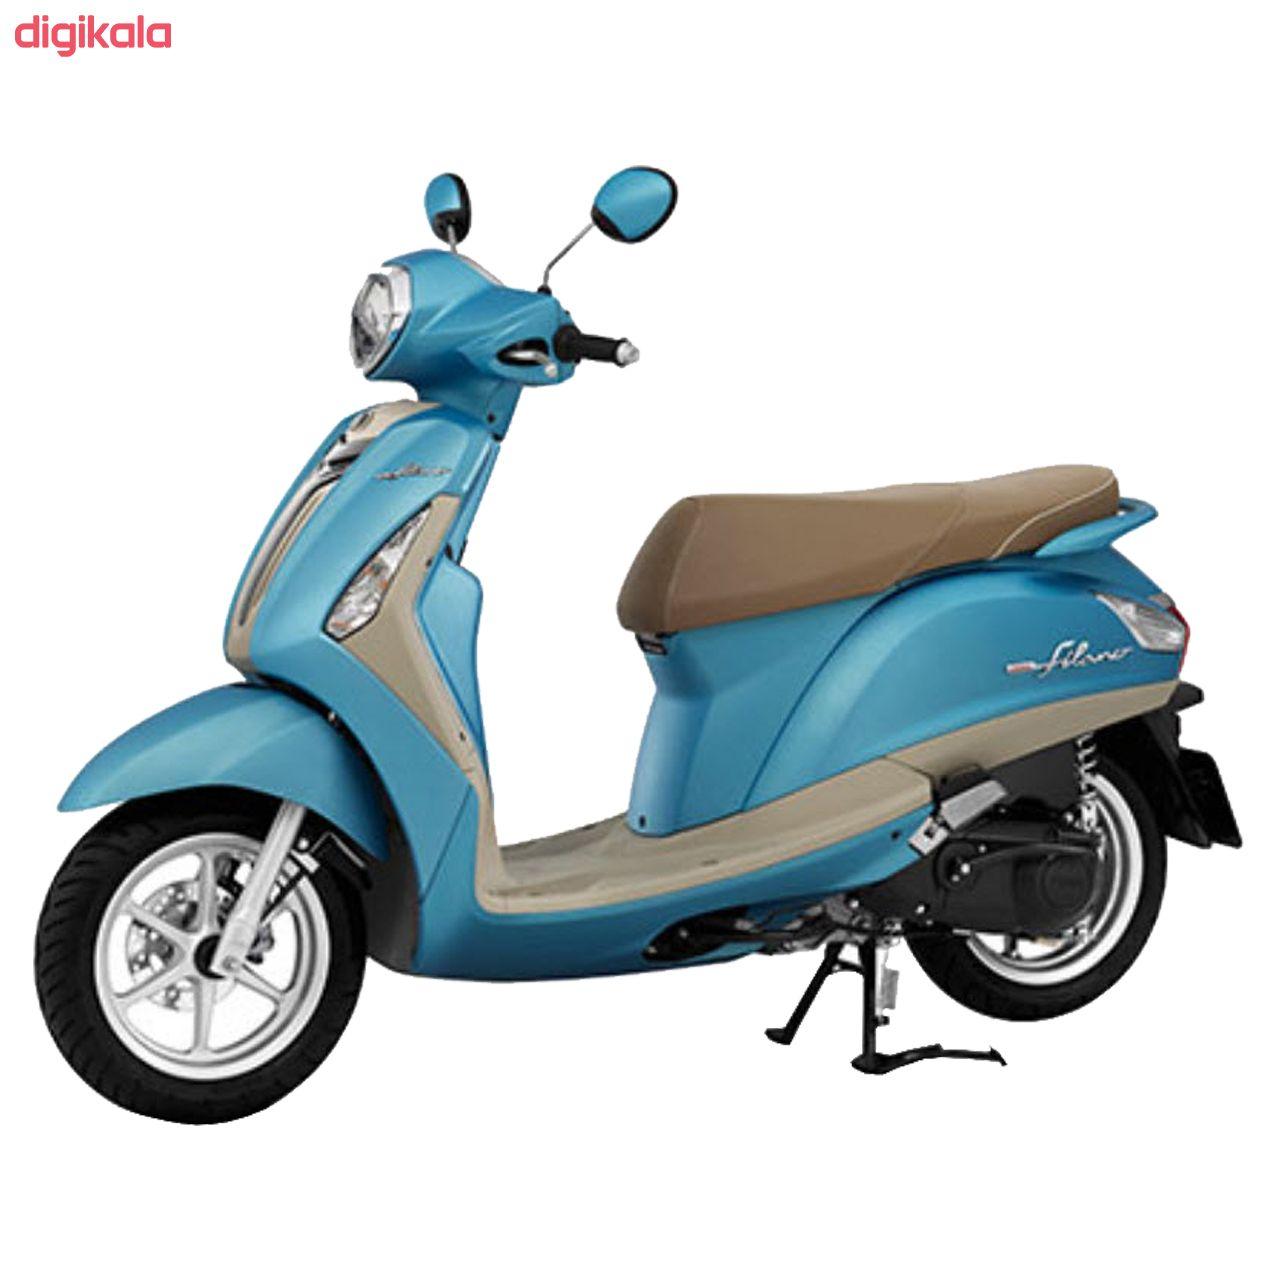 موتورسیکلت یاماها مدل GRAND FILANO استانداردحجم 125 سی سی سال 1399 main 1 6